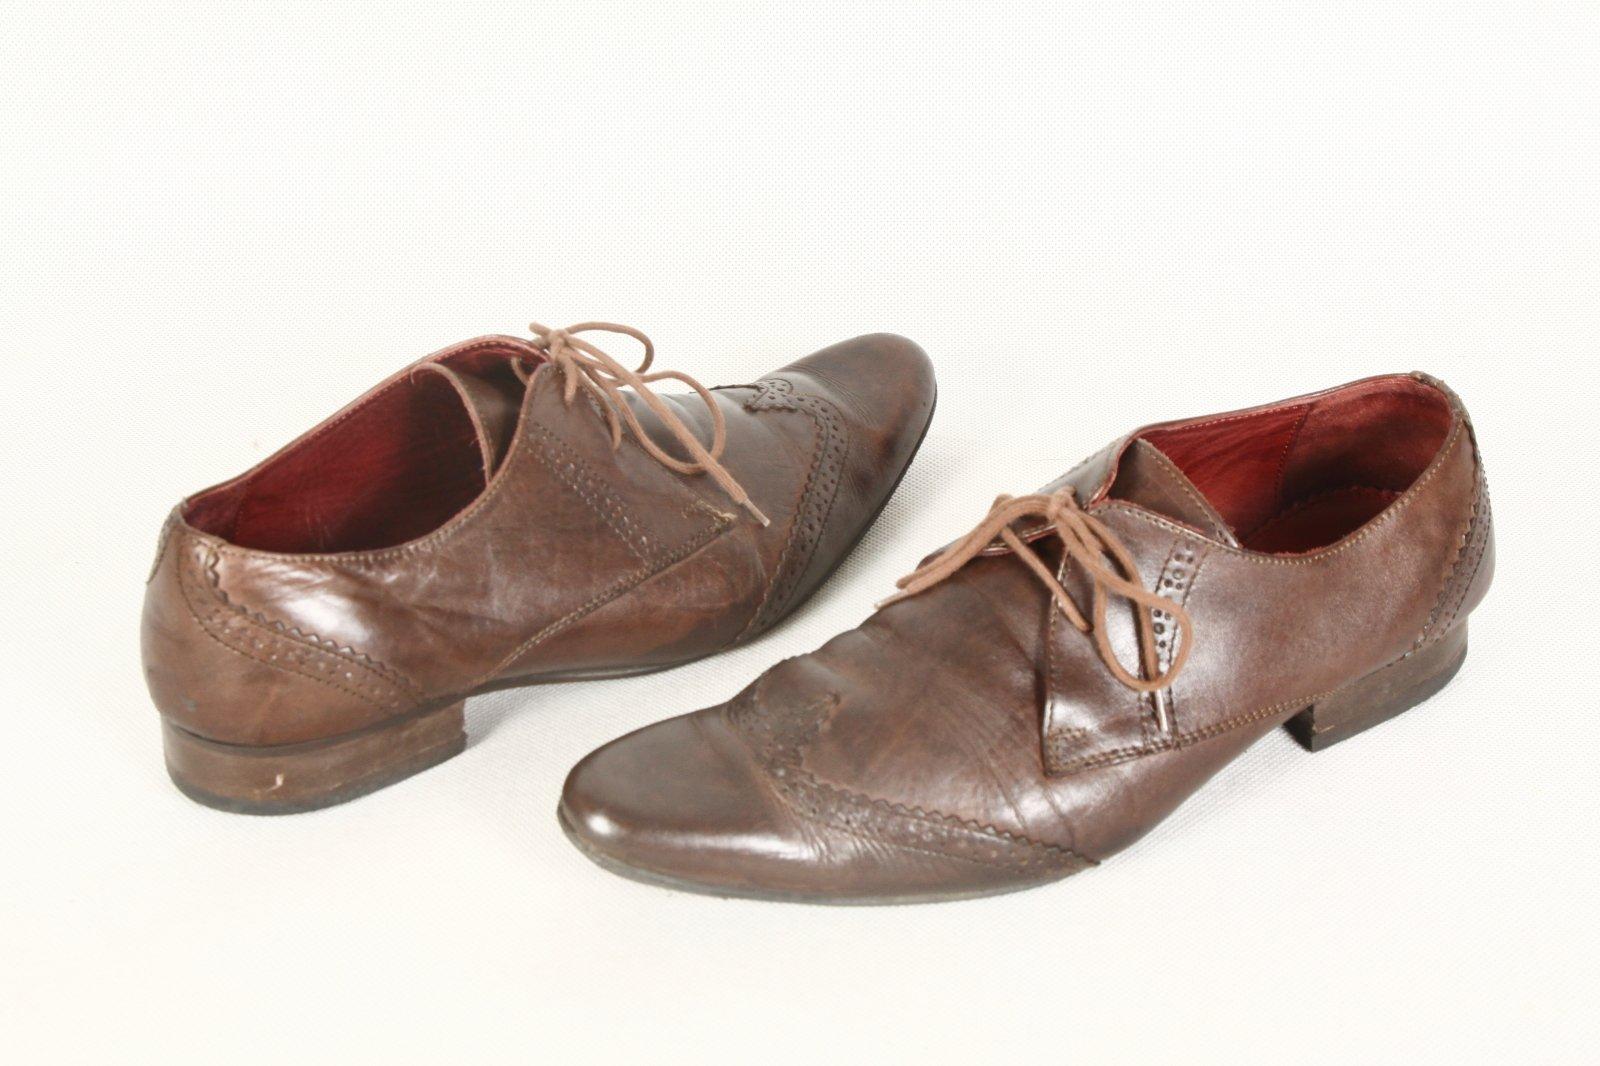 7b62008178aae zara buty męskie skórzane oksfordy basic brąz 42 - 7608827461 ...